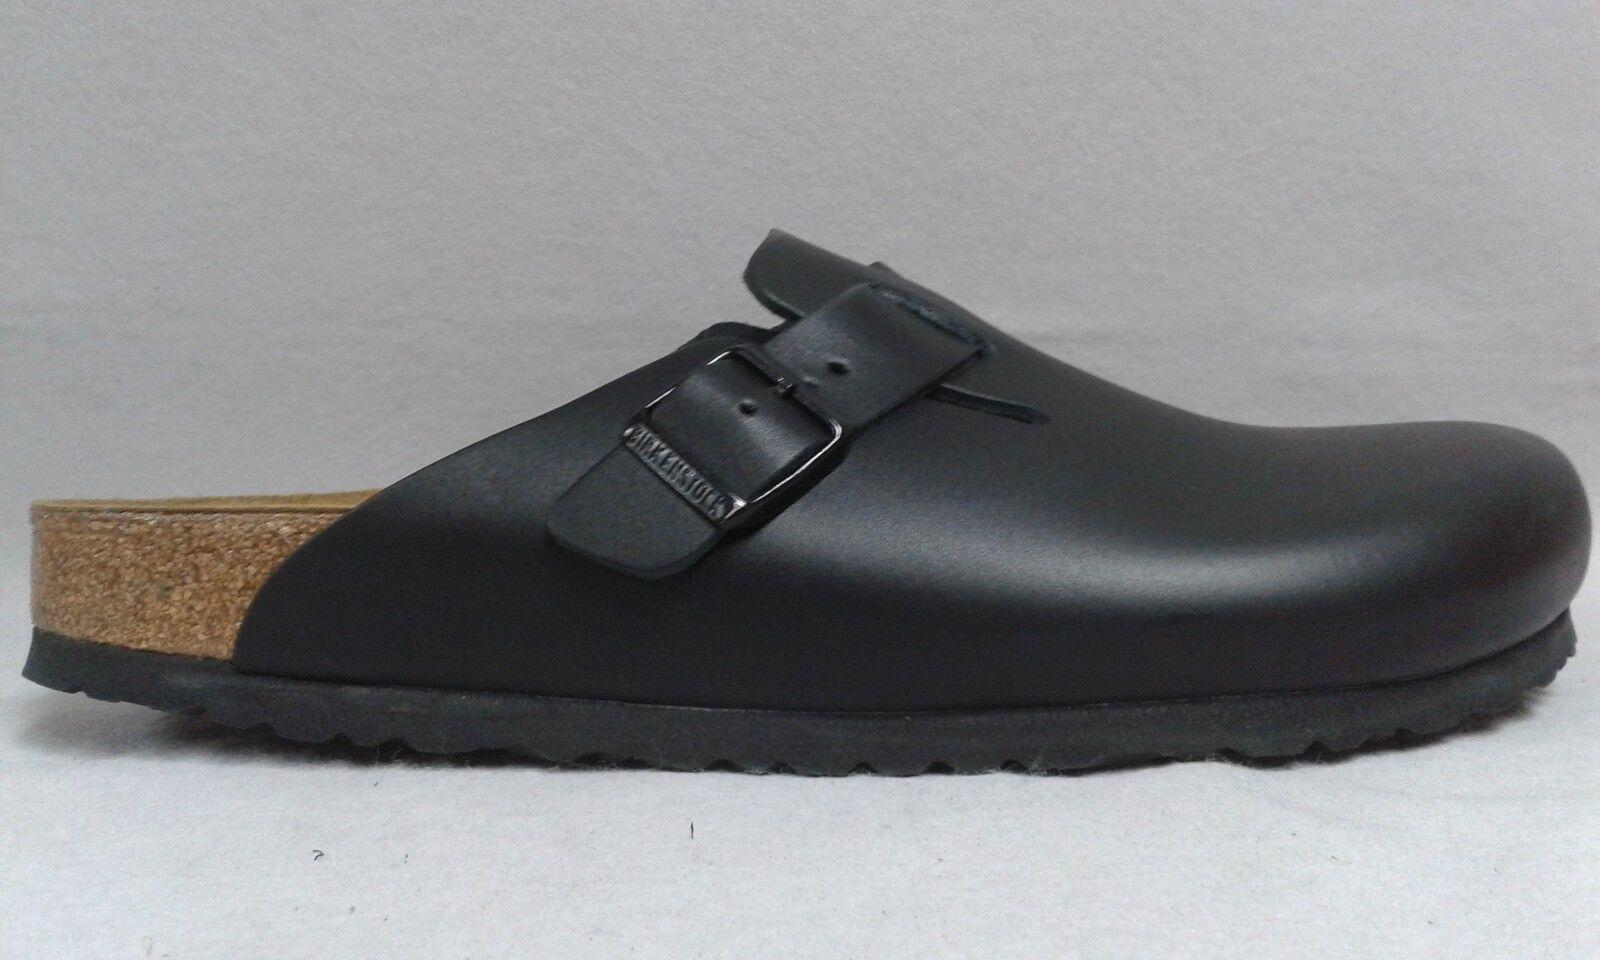 Birkenstock Clog Boston schwarz Leder Echteder Korkfußbett schmale Weite 9001